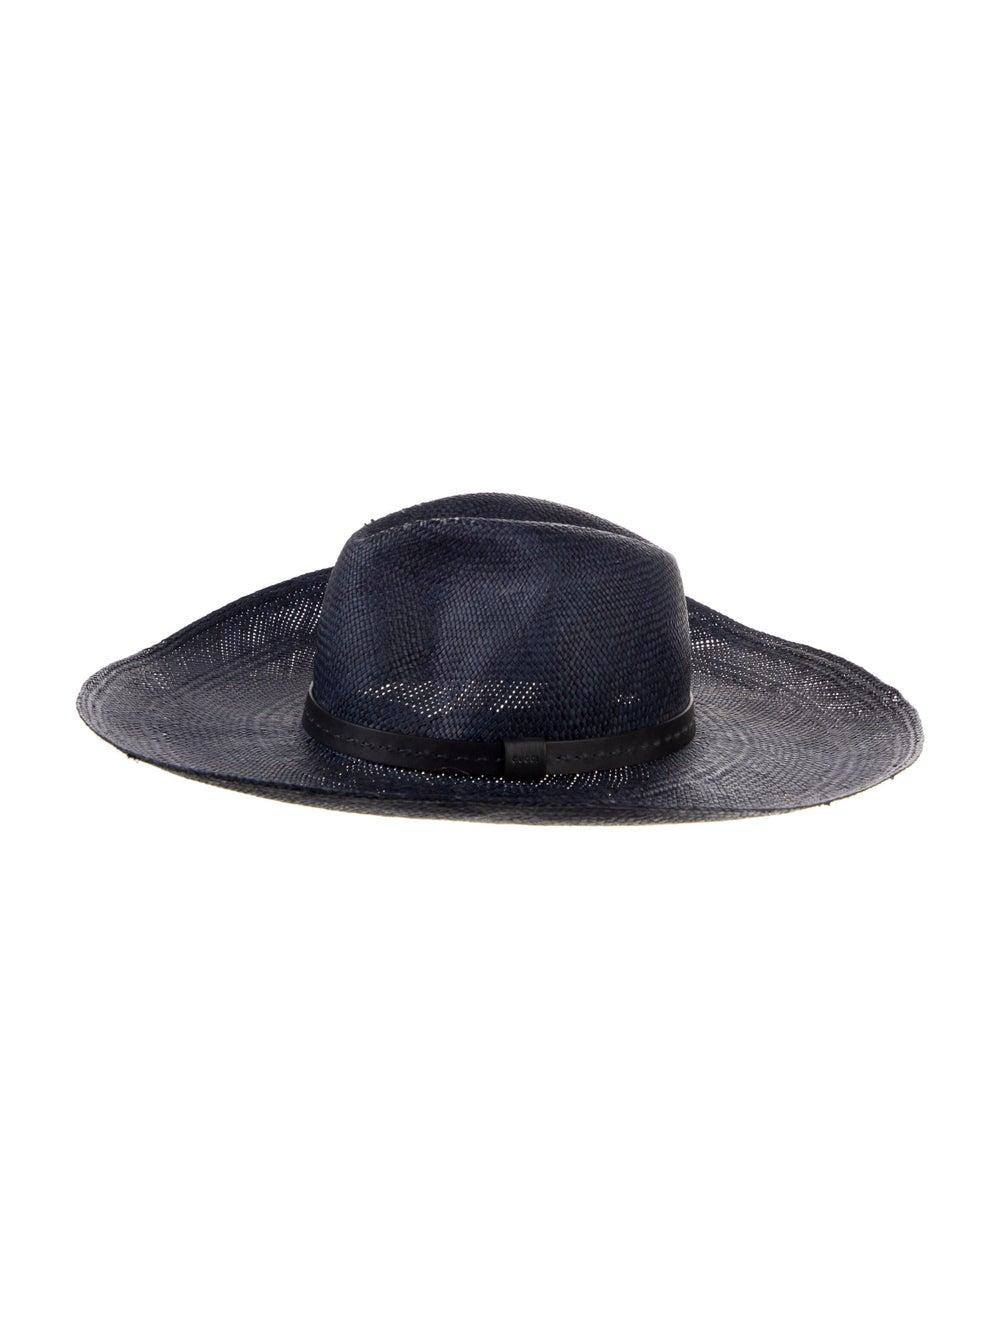 Gucci Straw WIde Brim Hat Navy - image 1